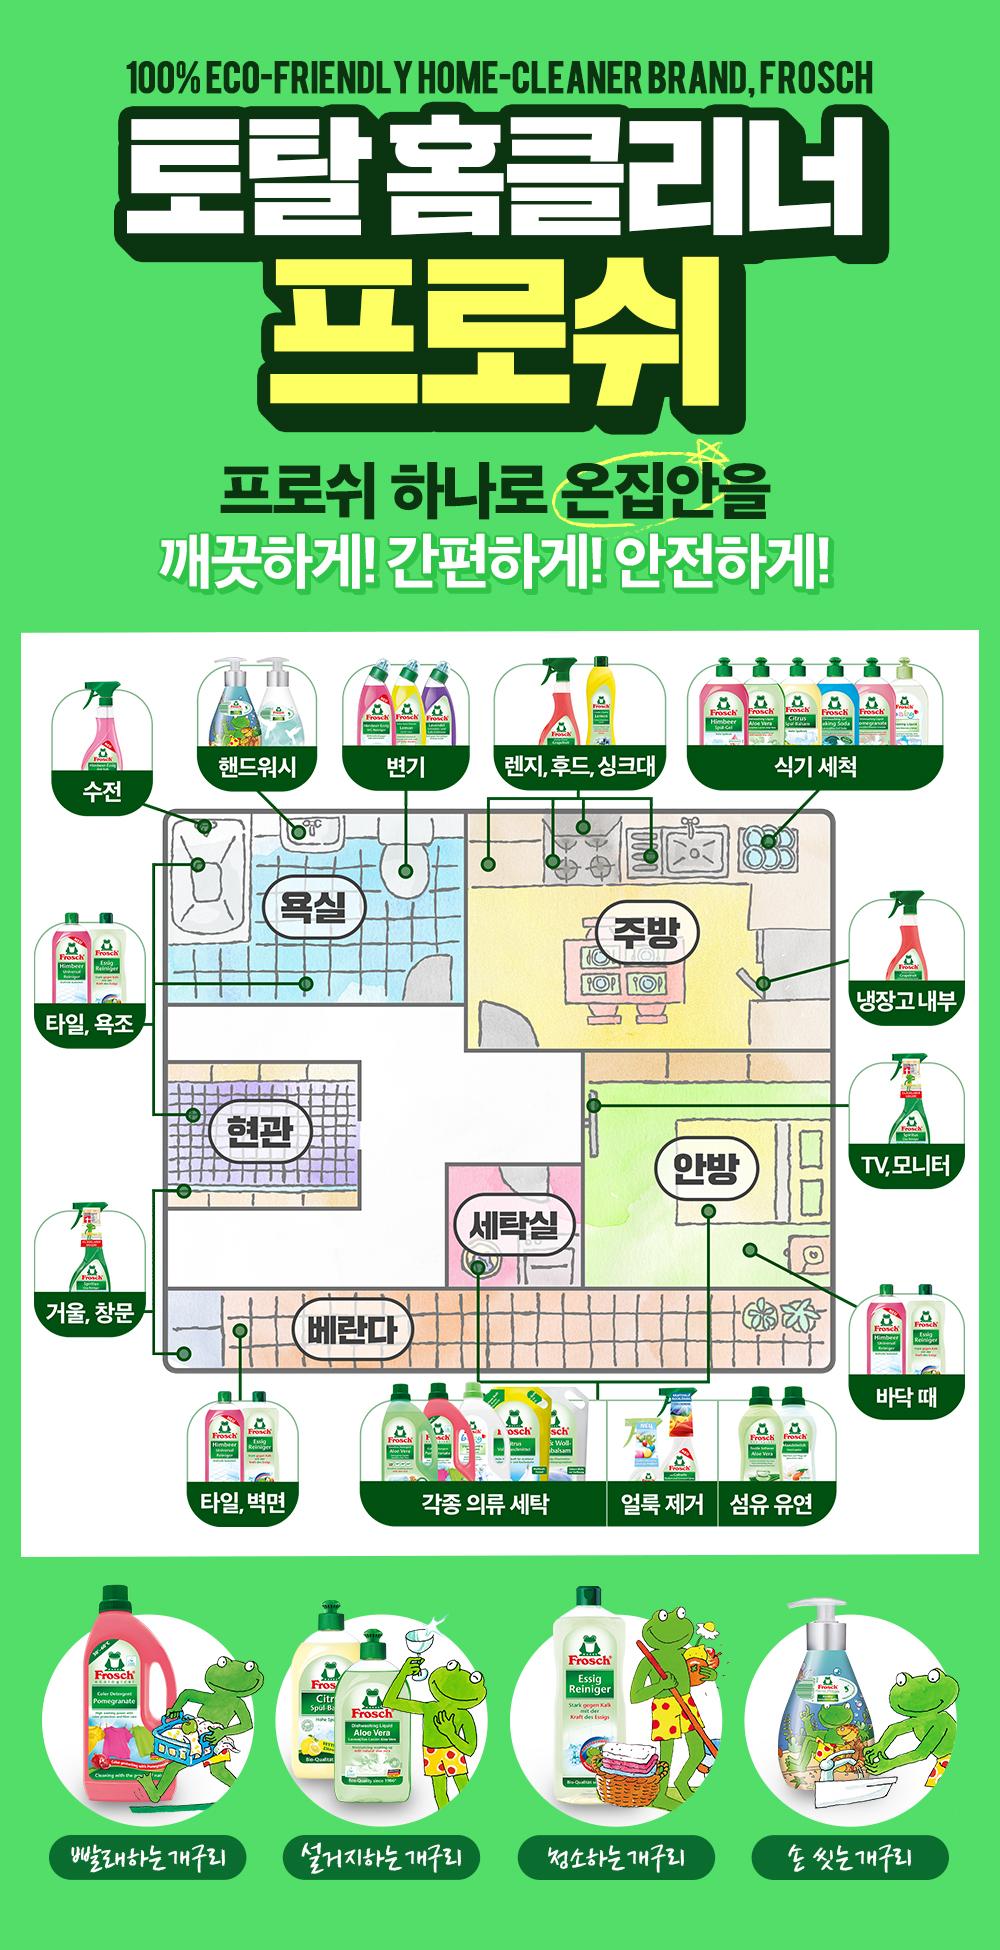 집들이 선물 특집_독일 친환경 청소 올인원 6종SET - 프로쉬, 56,500원, 정리용품/청소, 욕실세정제